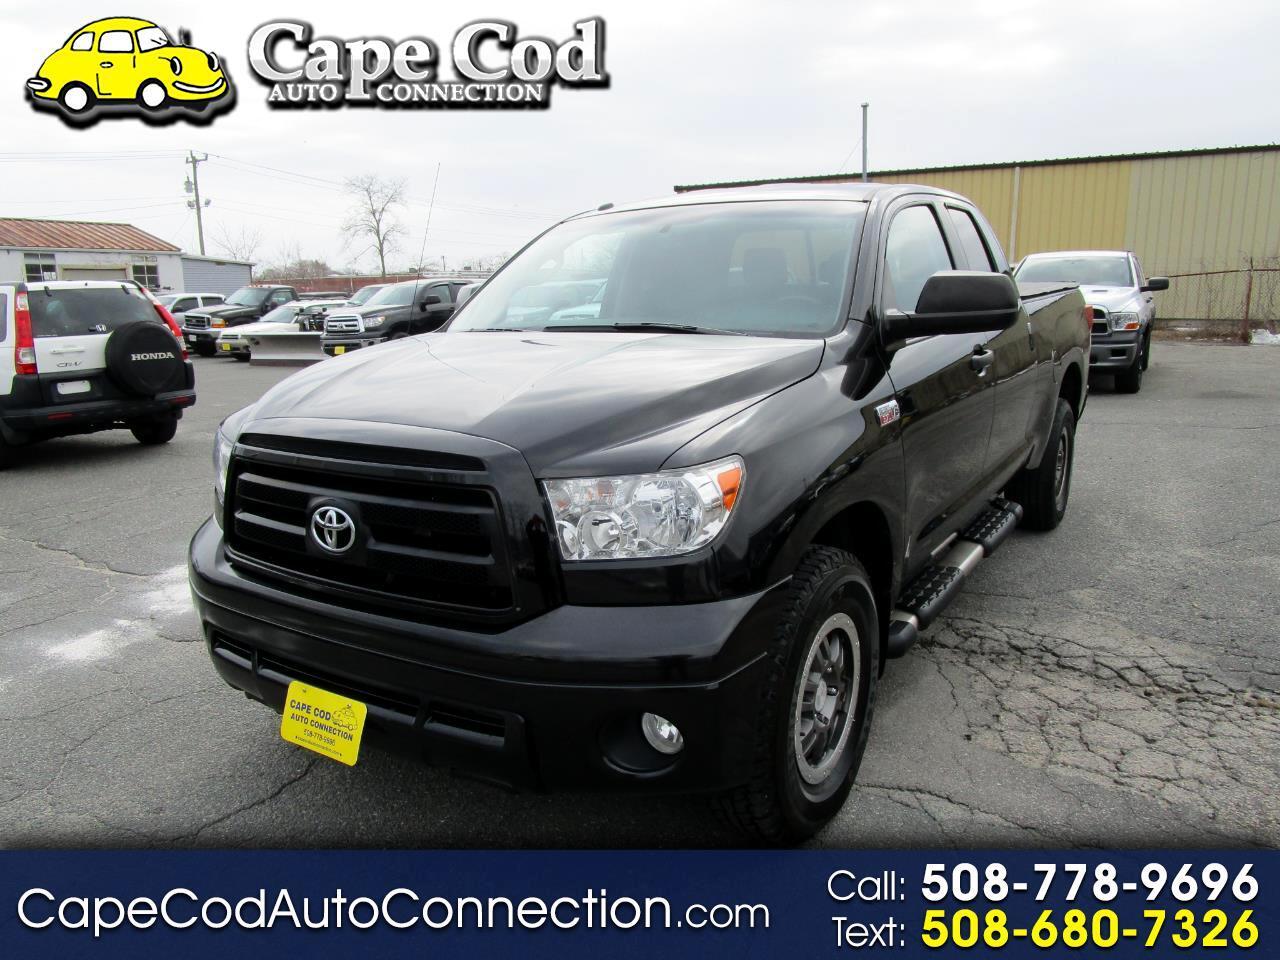 2010 Toyota Tundra 4WD Truck Dbl 5.7L V8 6-Spd AT (Natl)